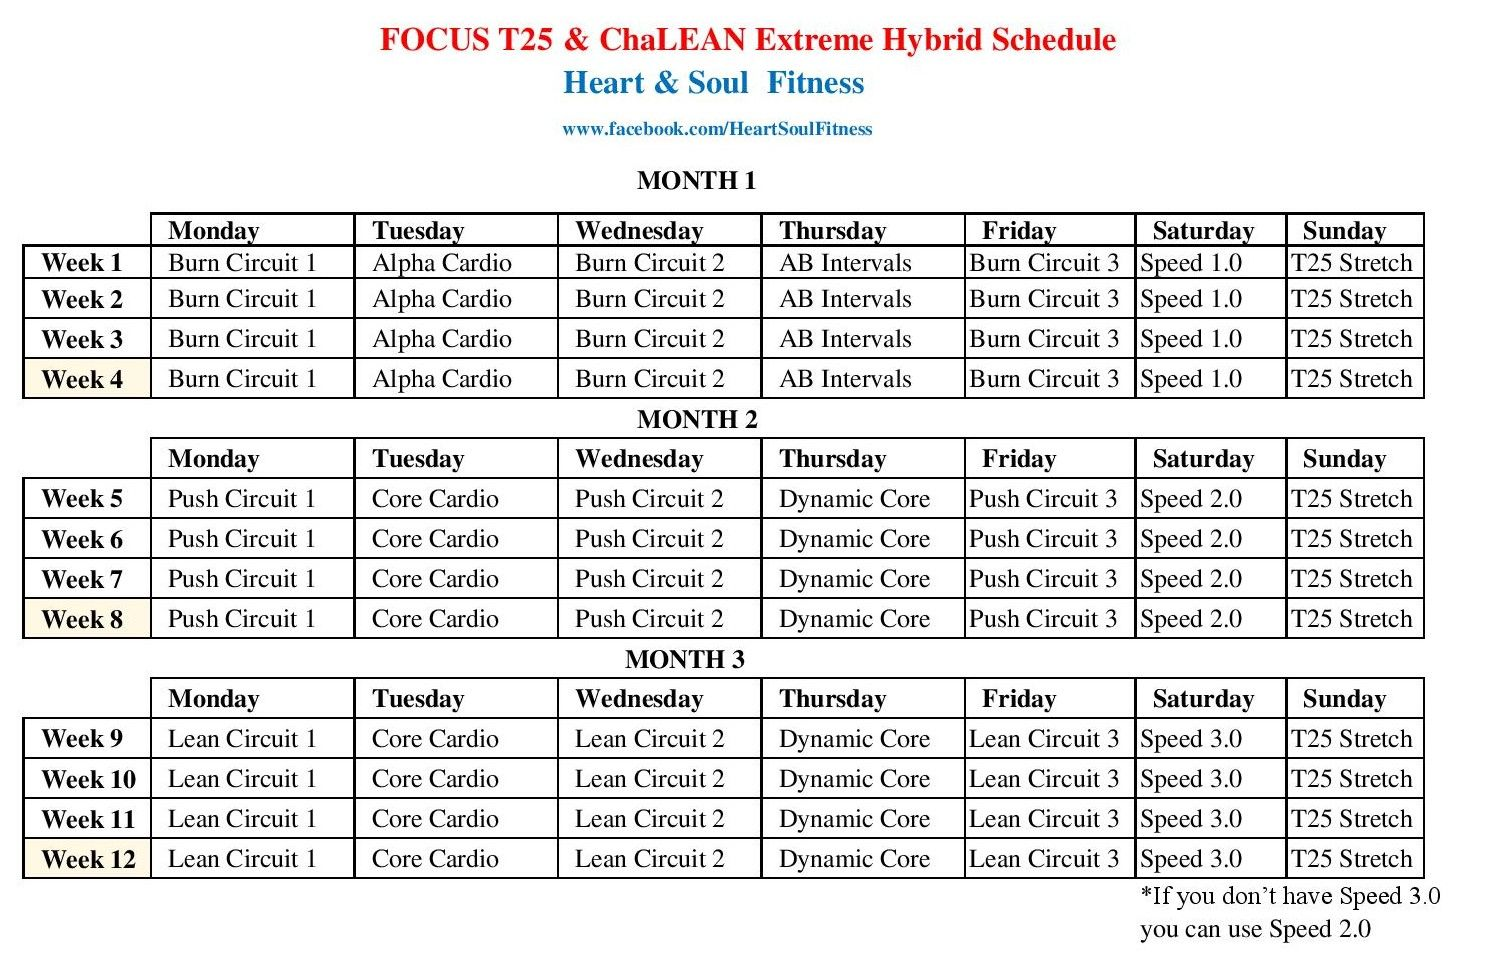 Focus T25 Amp Chalean Extreme Hybrid Schedule